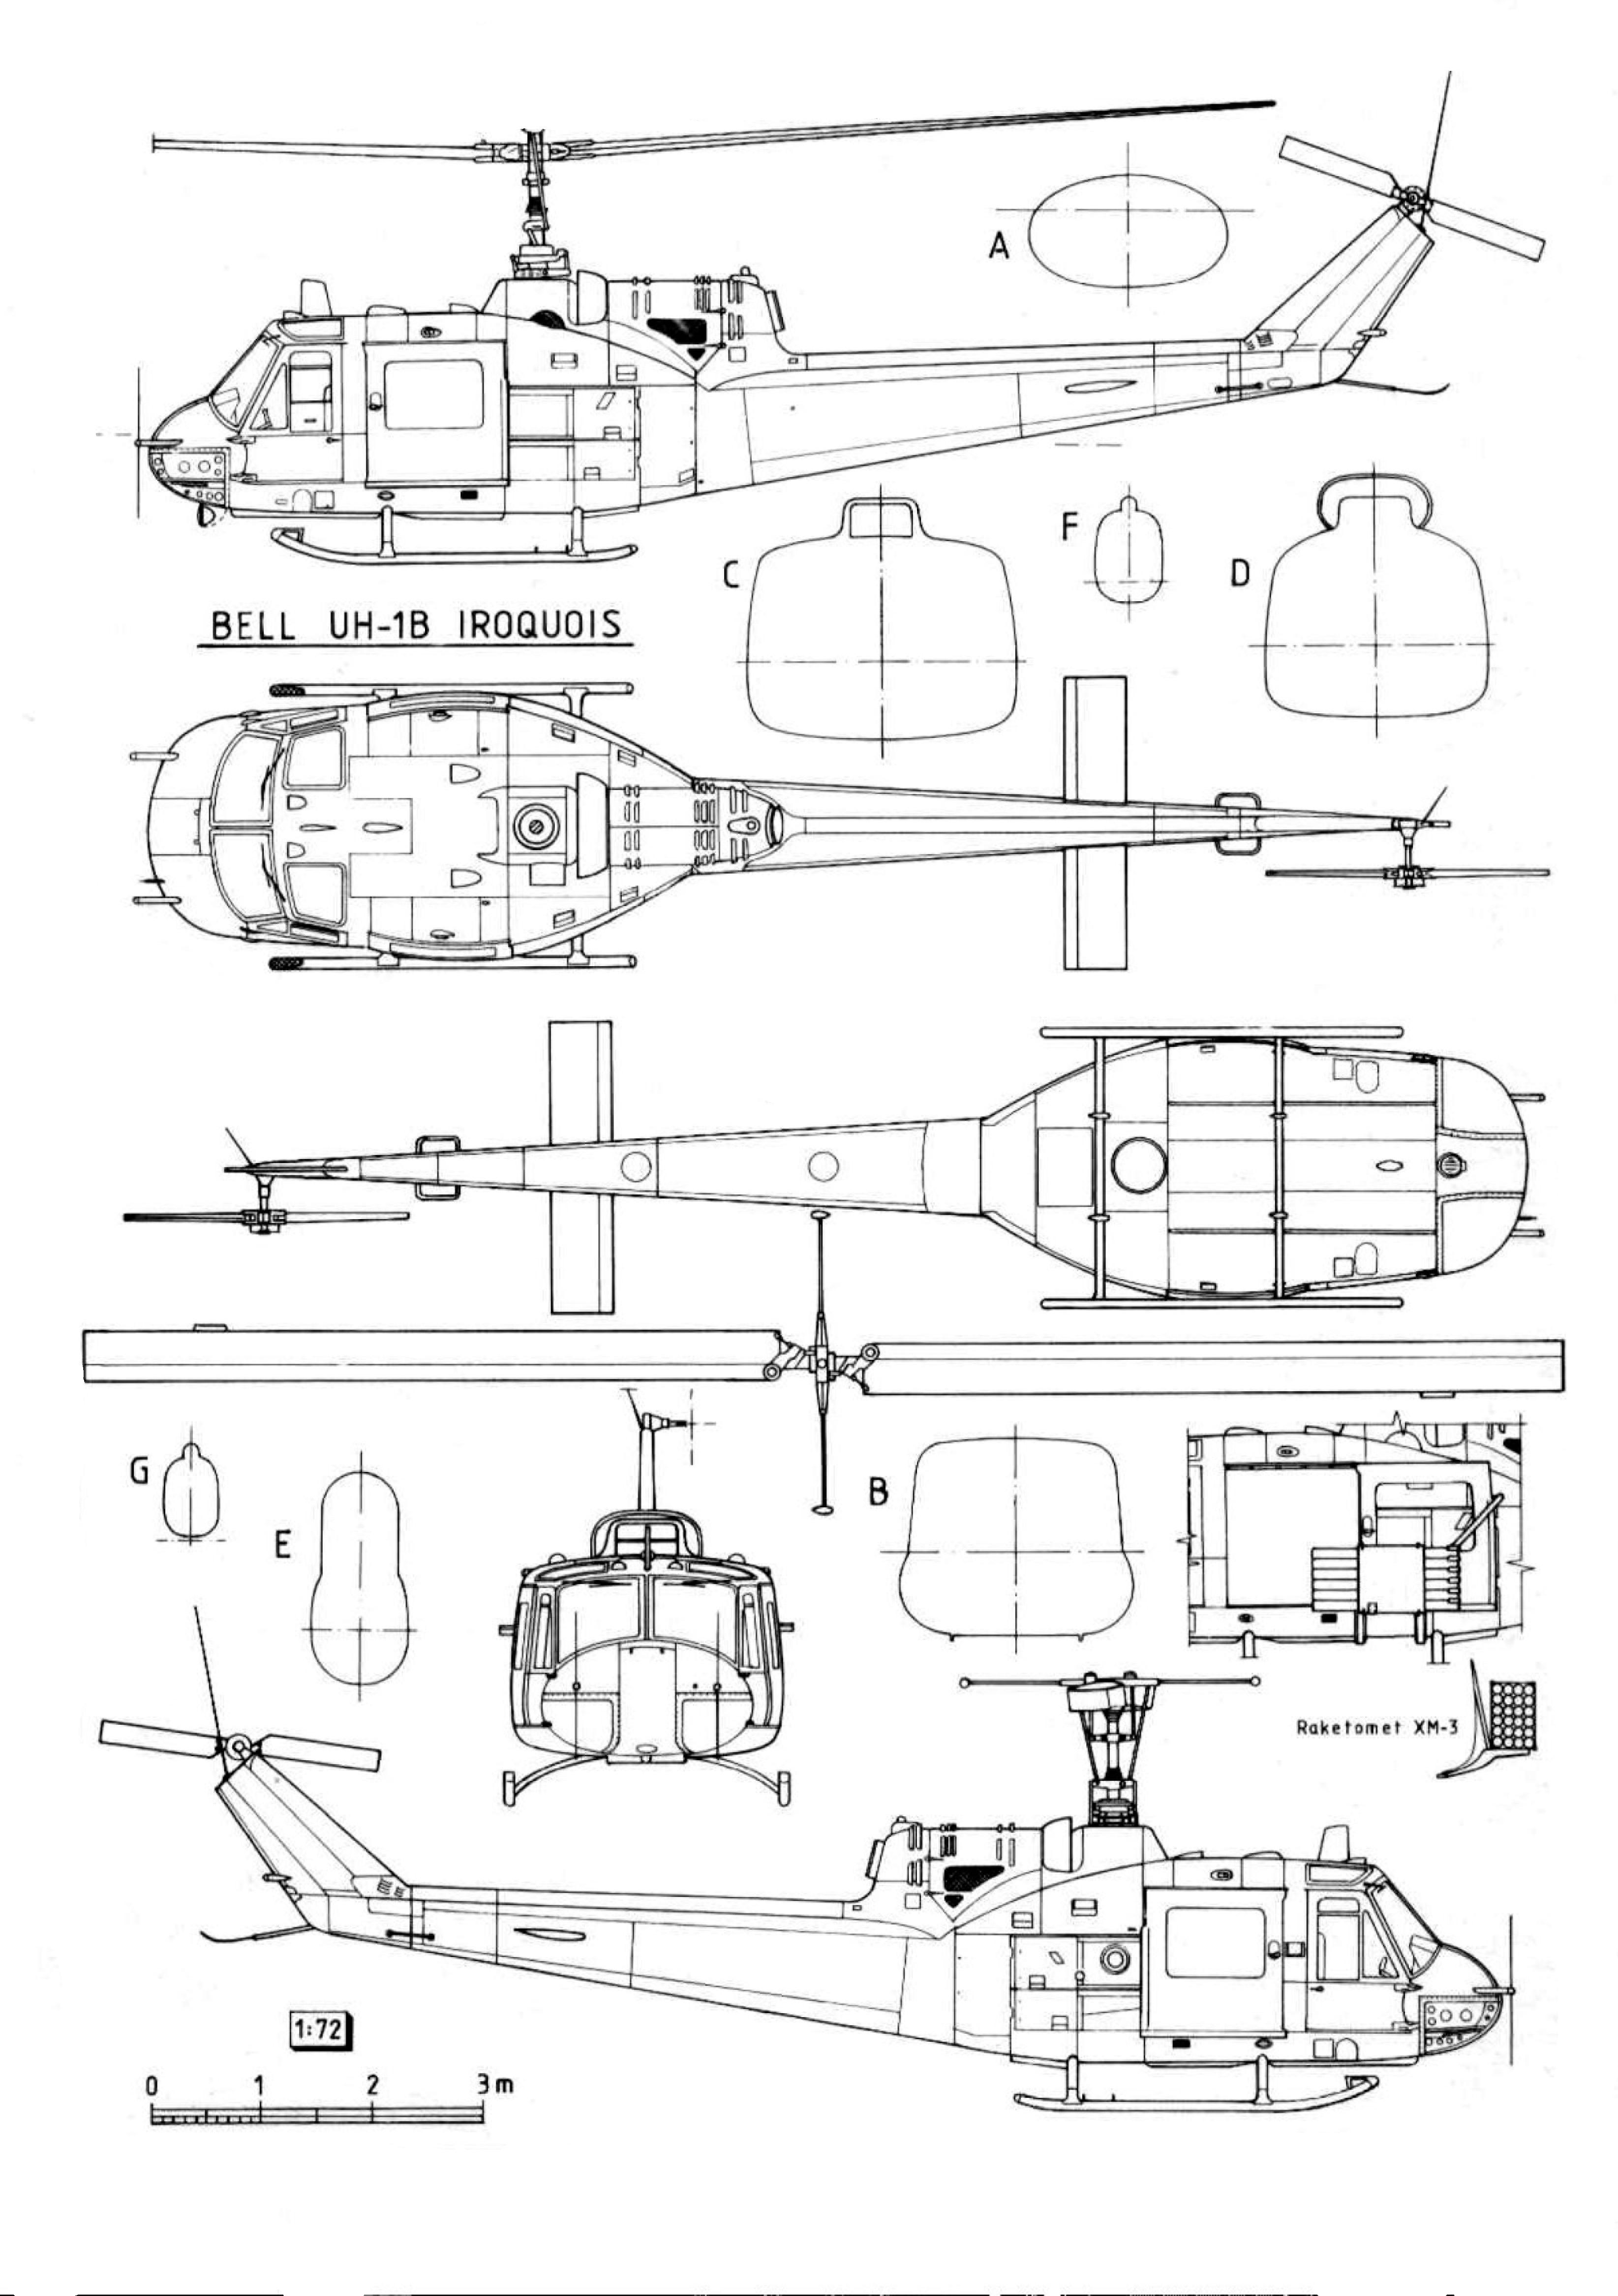 Bell UH-1 Iroquois blueprint